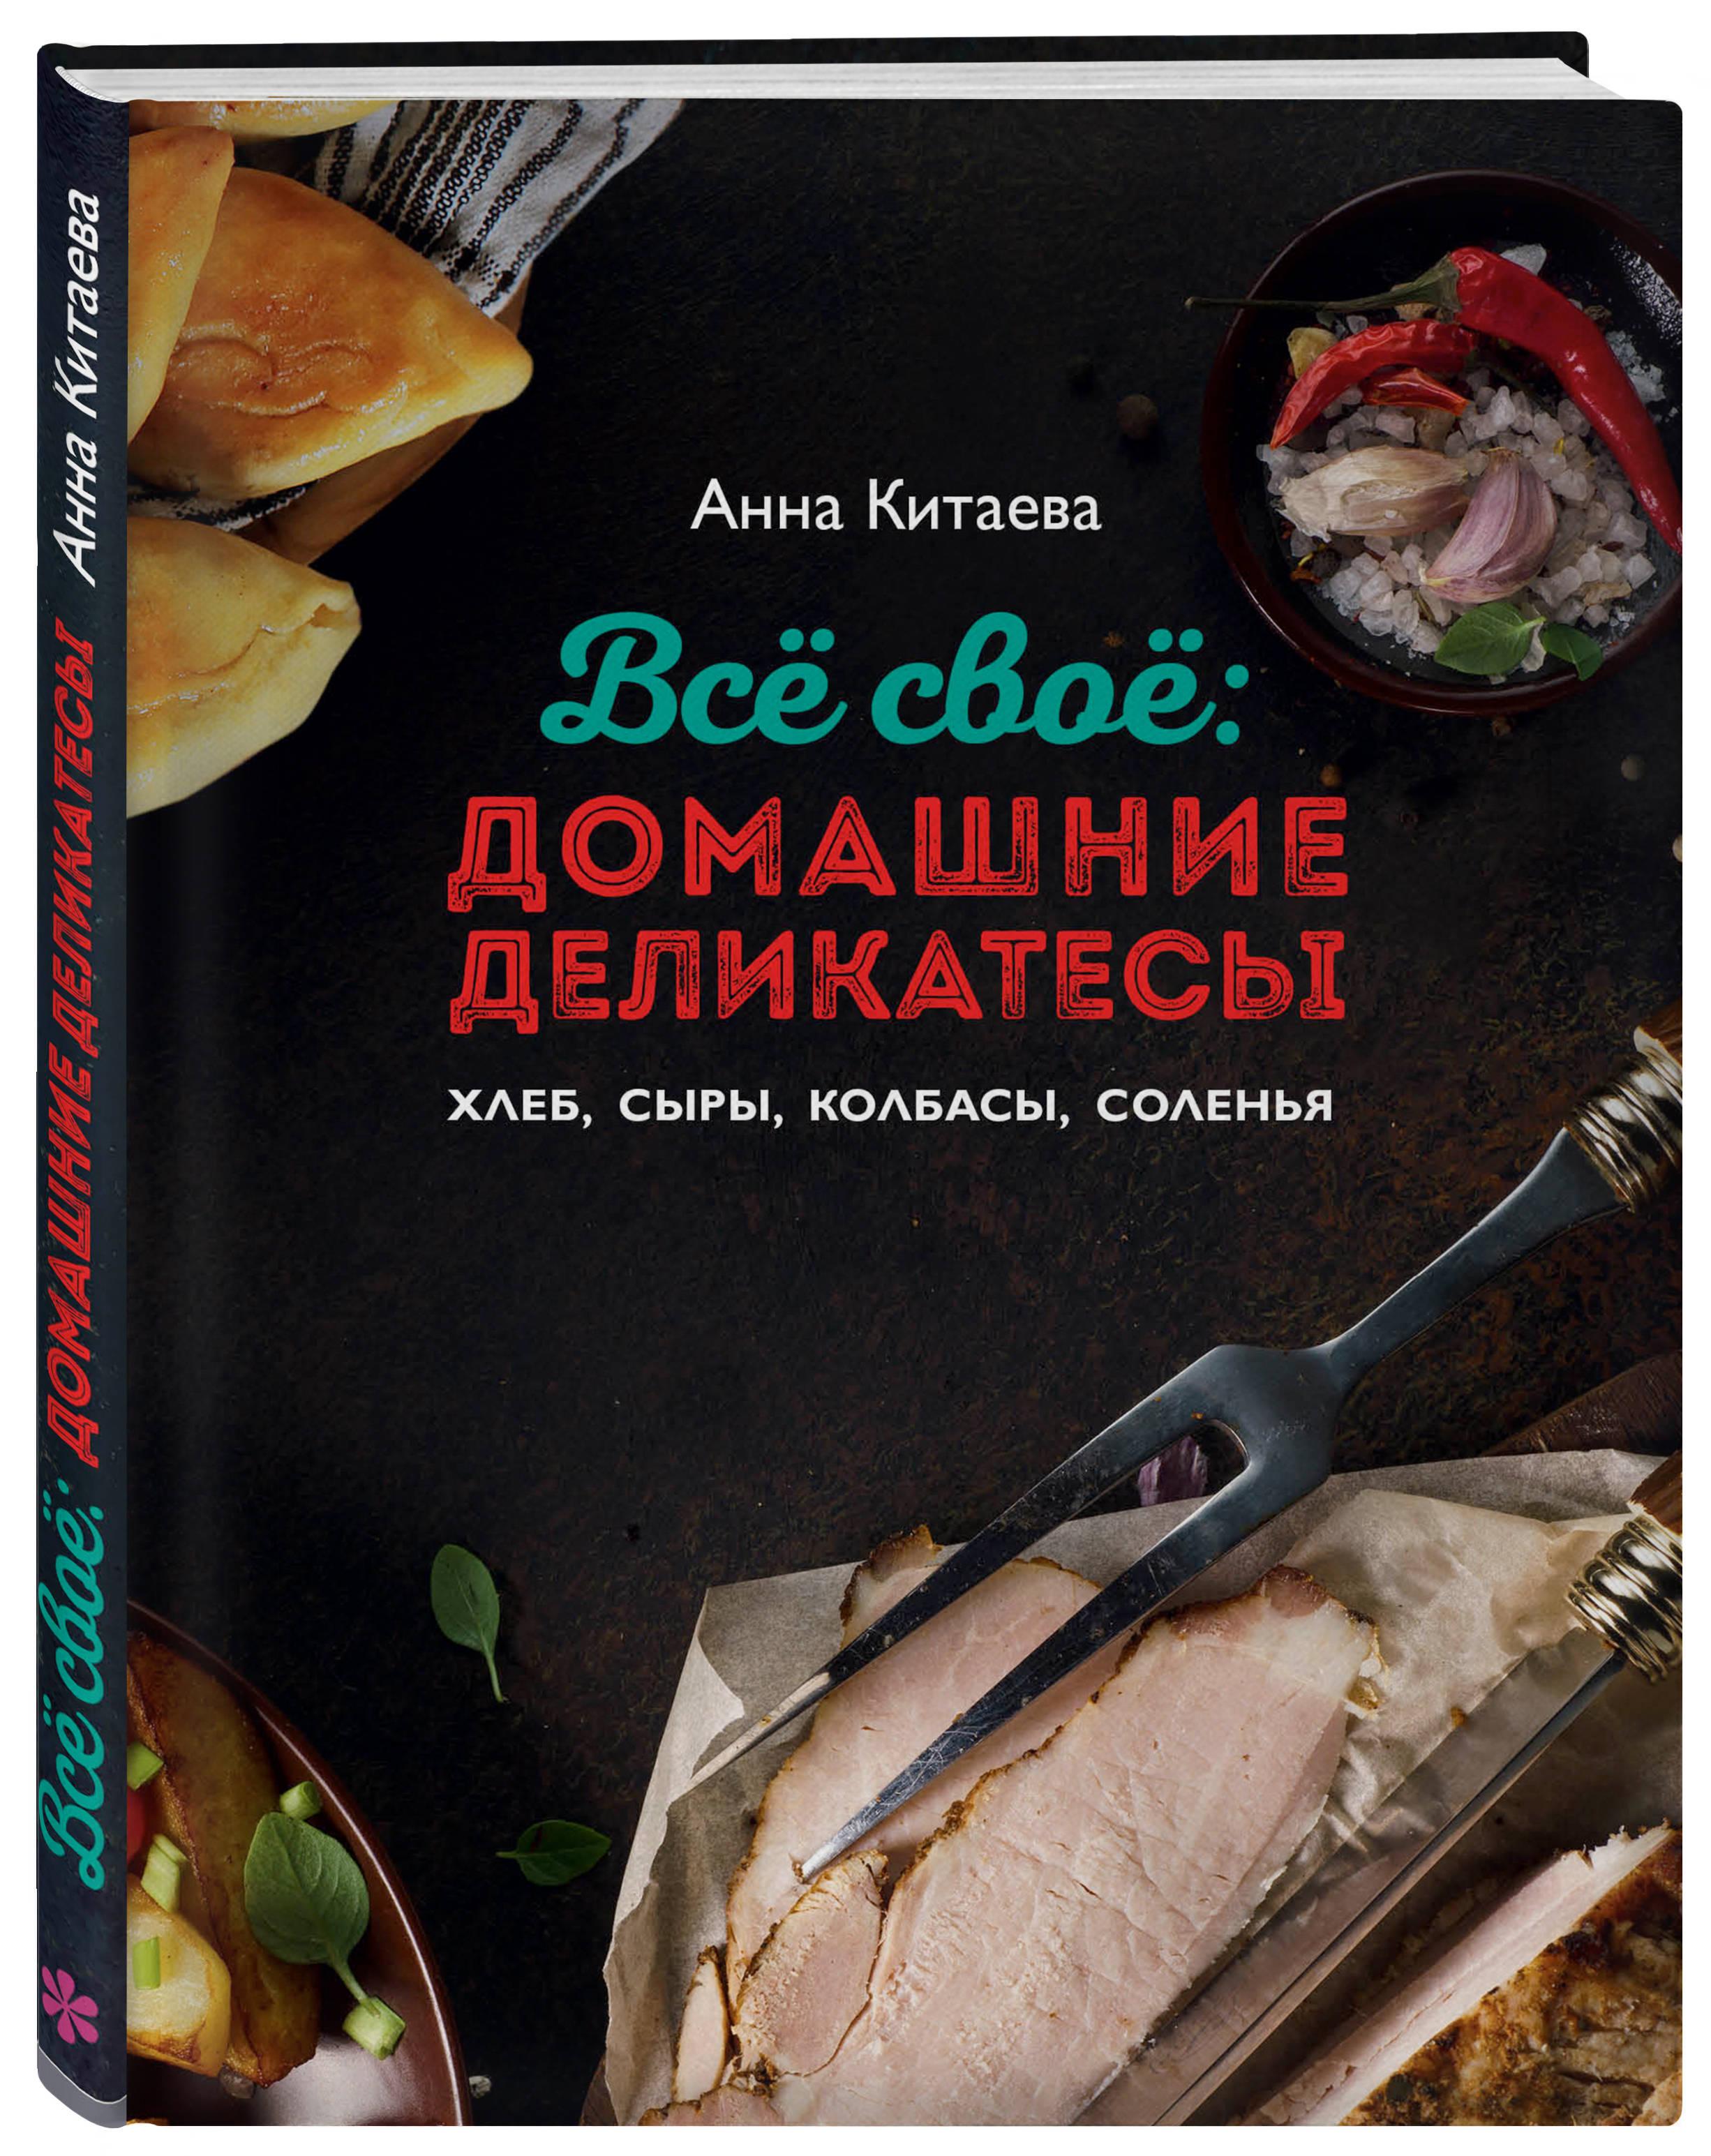 Анна Китаева Всё своё: домашние деликатесы. Хлеб, сыры, колбасы, соленья анна китаева я и моя мультиварка